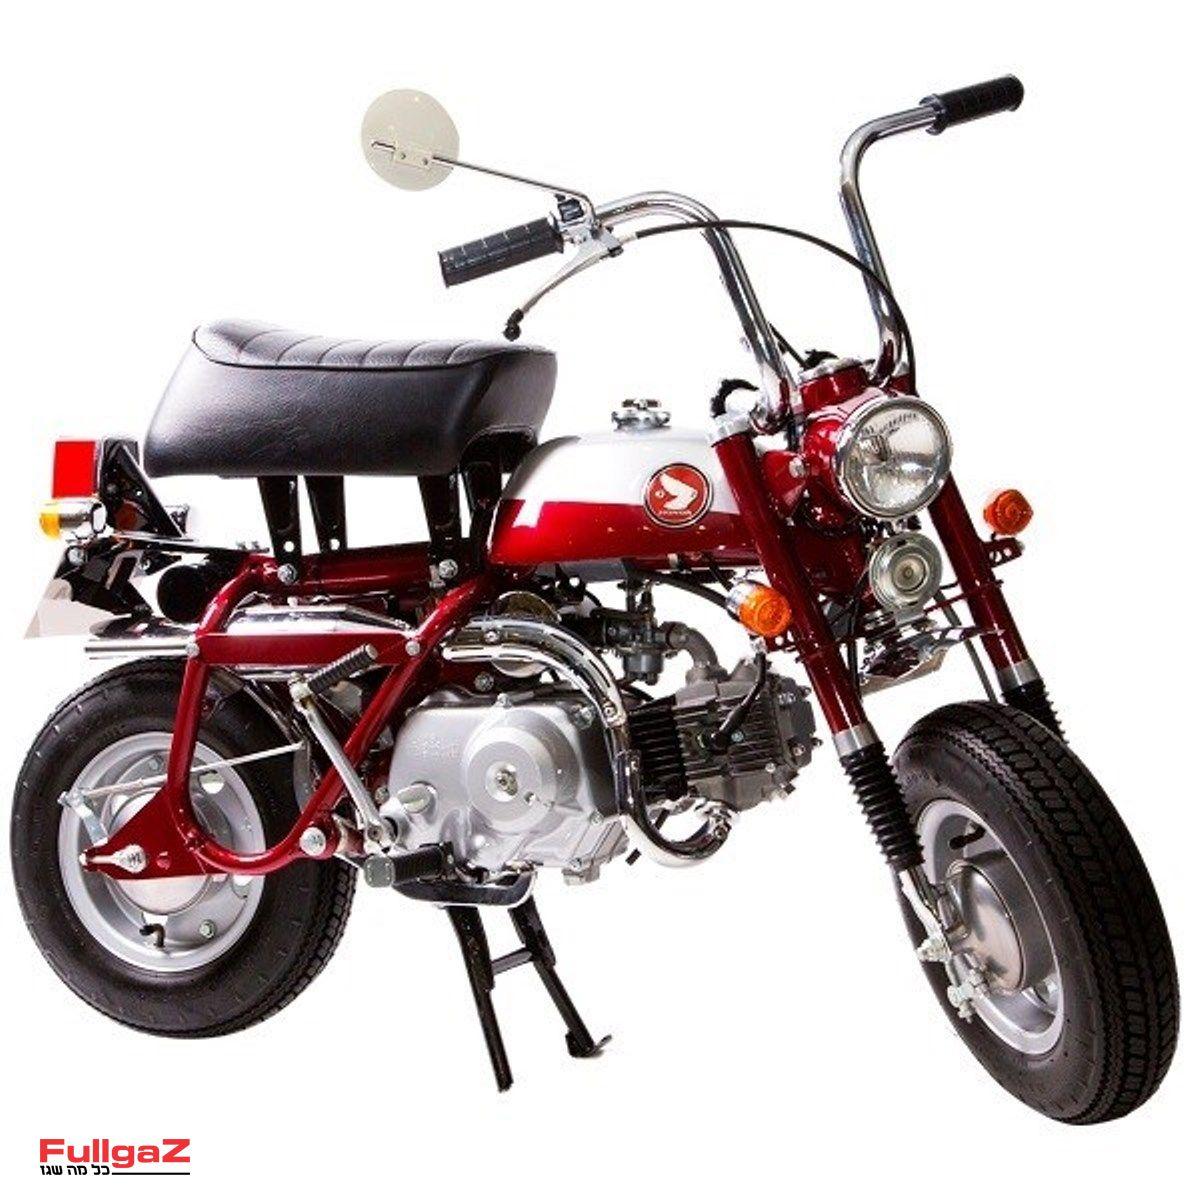 1970 Monkey